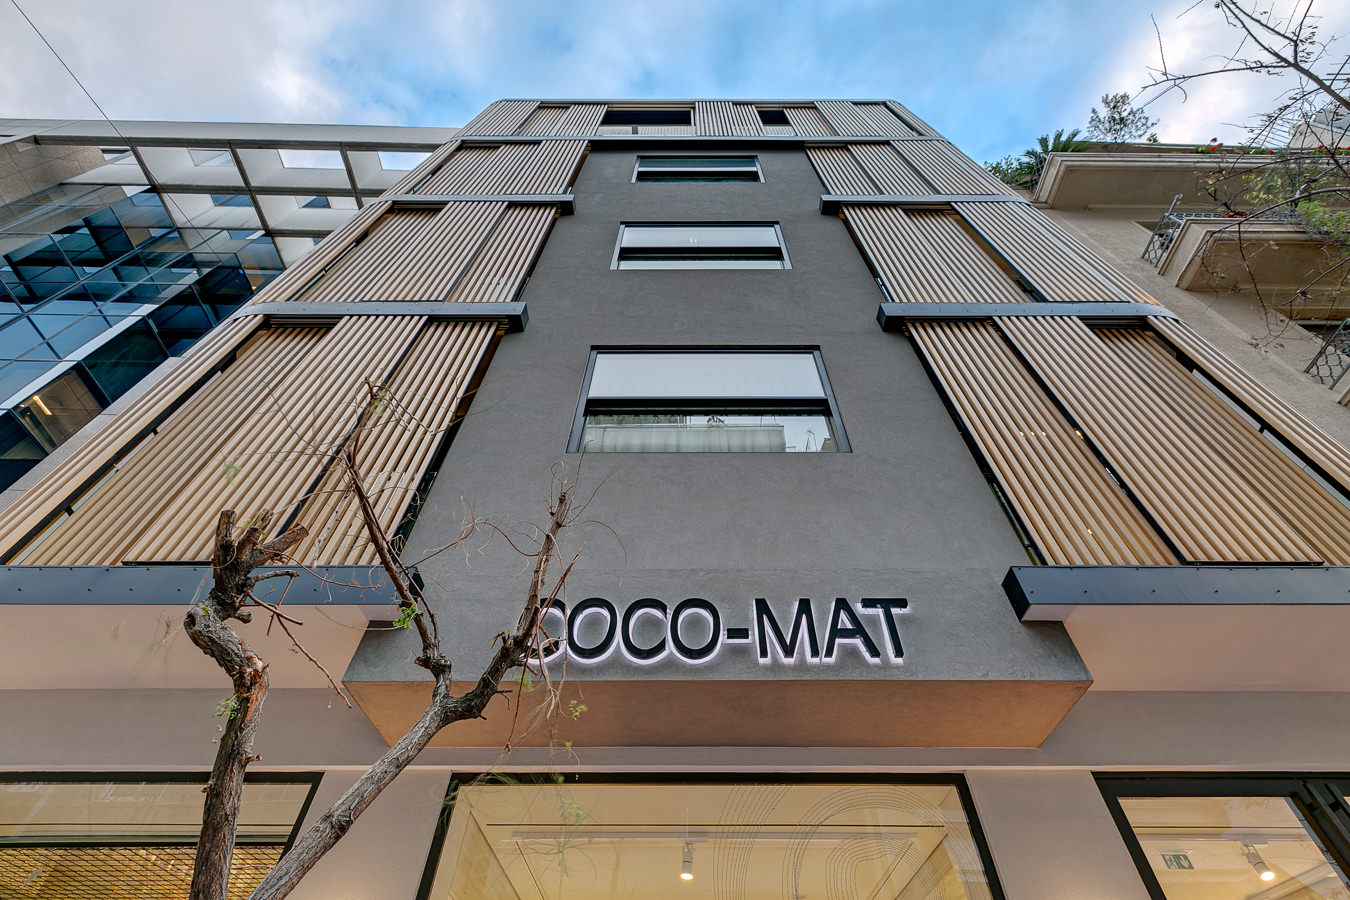 COCOMAT HOTEL, ATHENS, Γιώργος Φάκαρος - Αρχιτεκτονική Φωτογραφία | Εσωτερικοί Χώροι | Φωτογραφία Ξενοδοχειών - Photography / Φωτογραφία